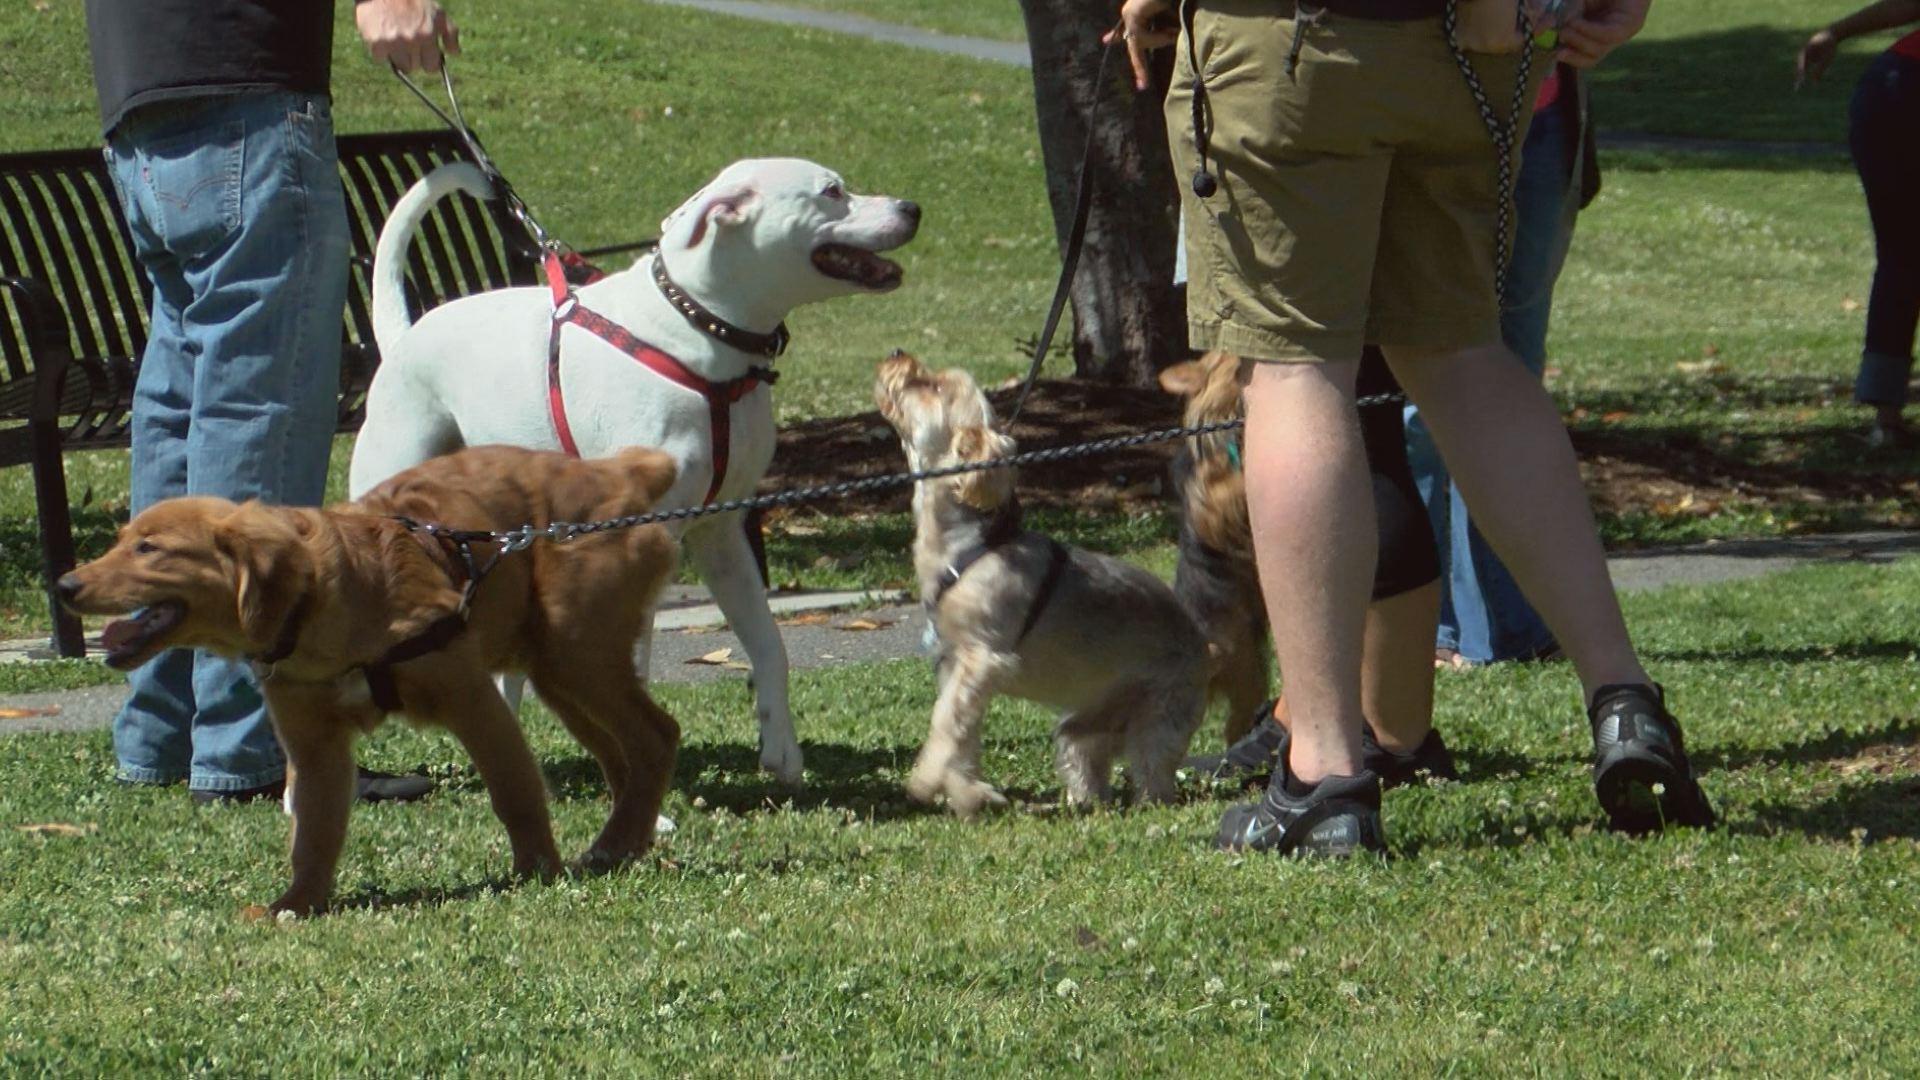 PETS IN THE PARK_1524953905301.jpg.jpg